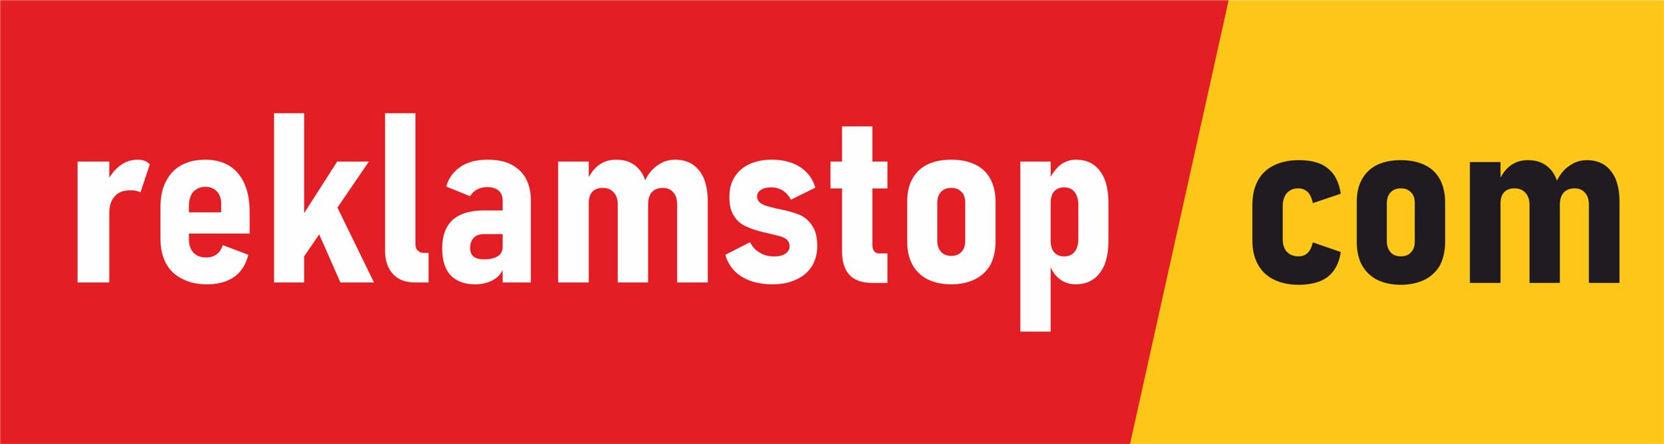 reklamstop.com